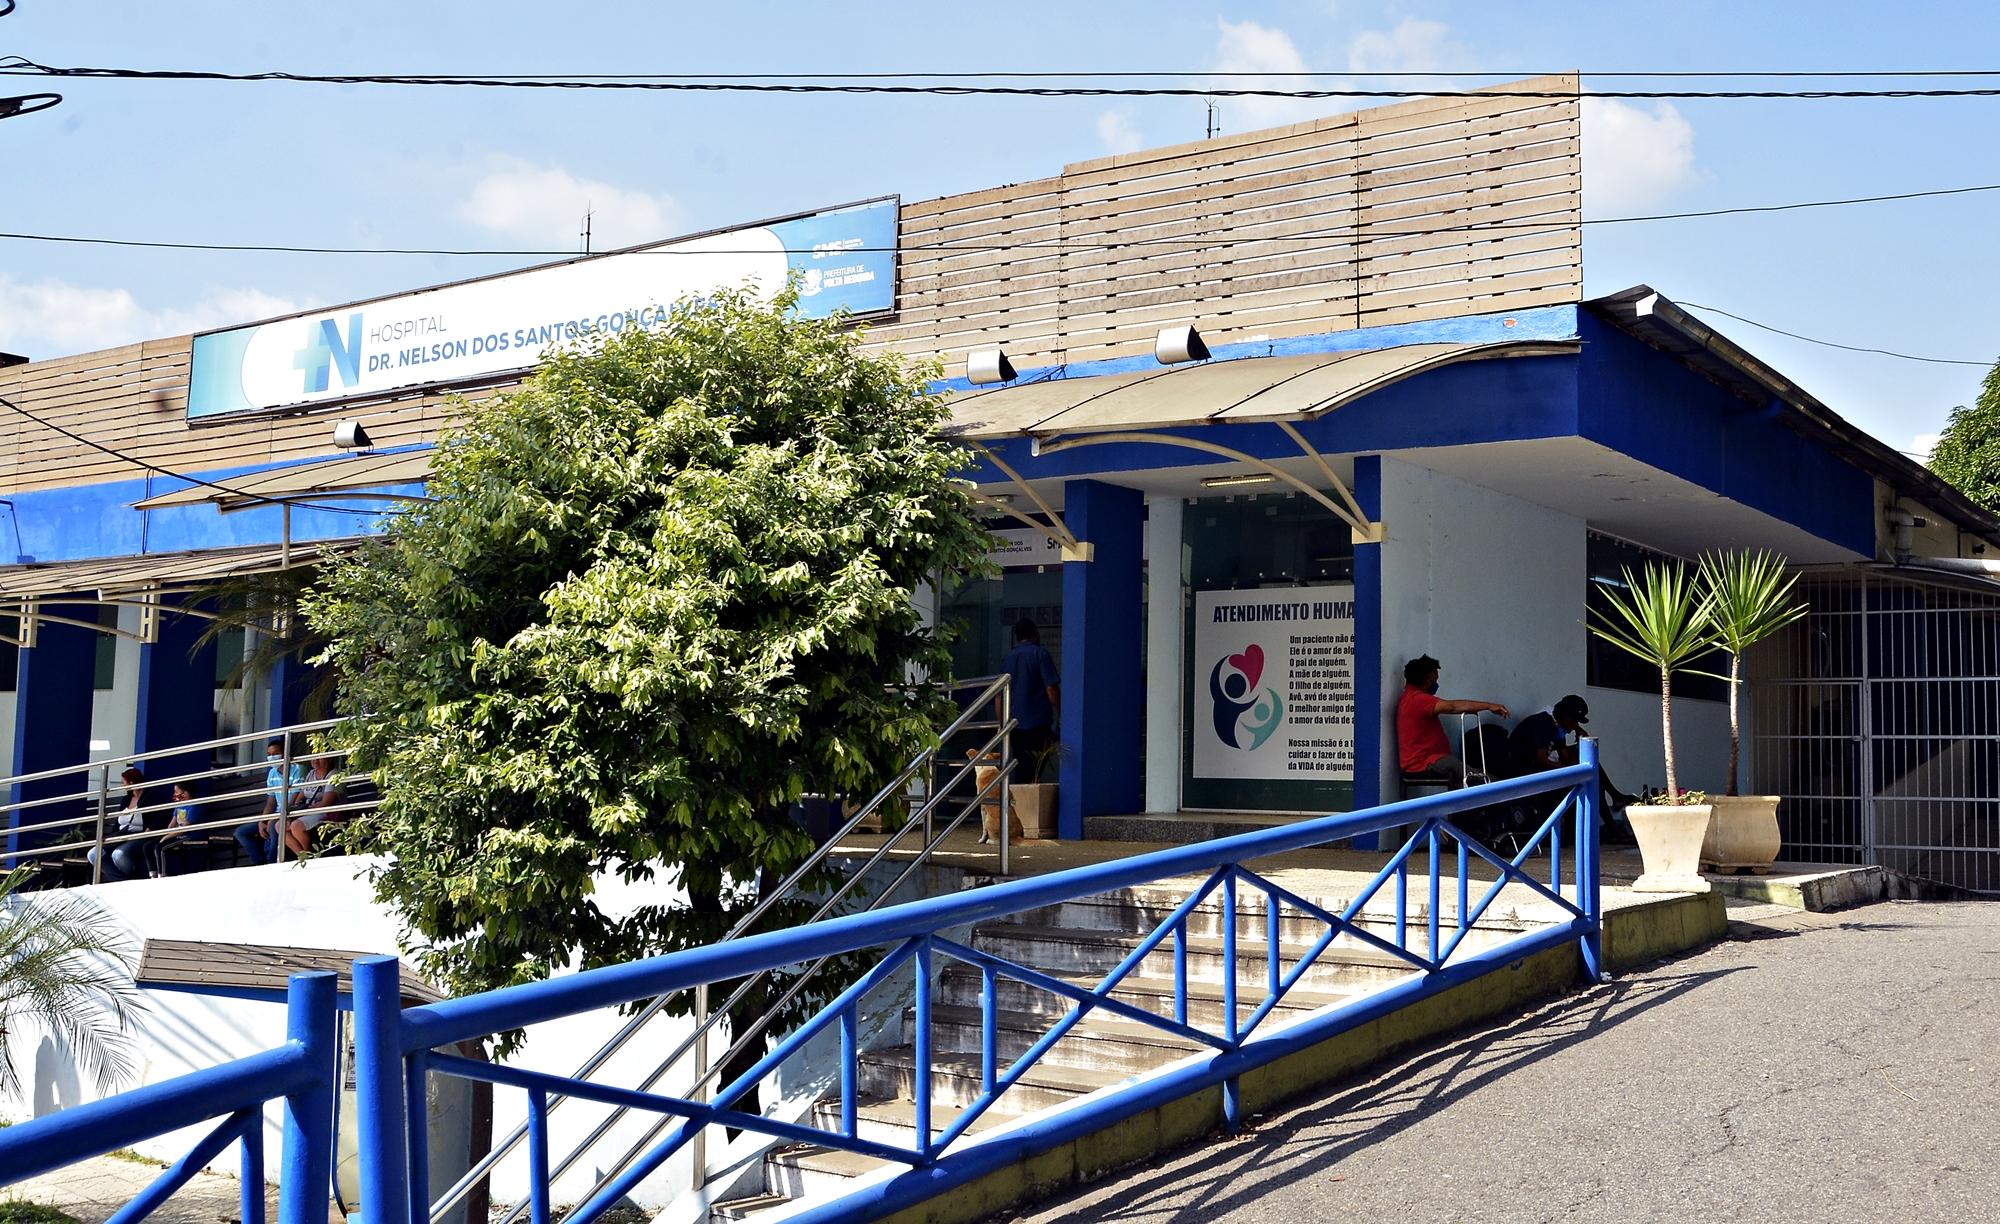 Luta Antimanicomial e Semana da Enfermagem são lembradas no Hospital Nelson Gonçalves